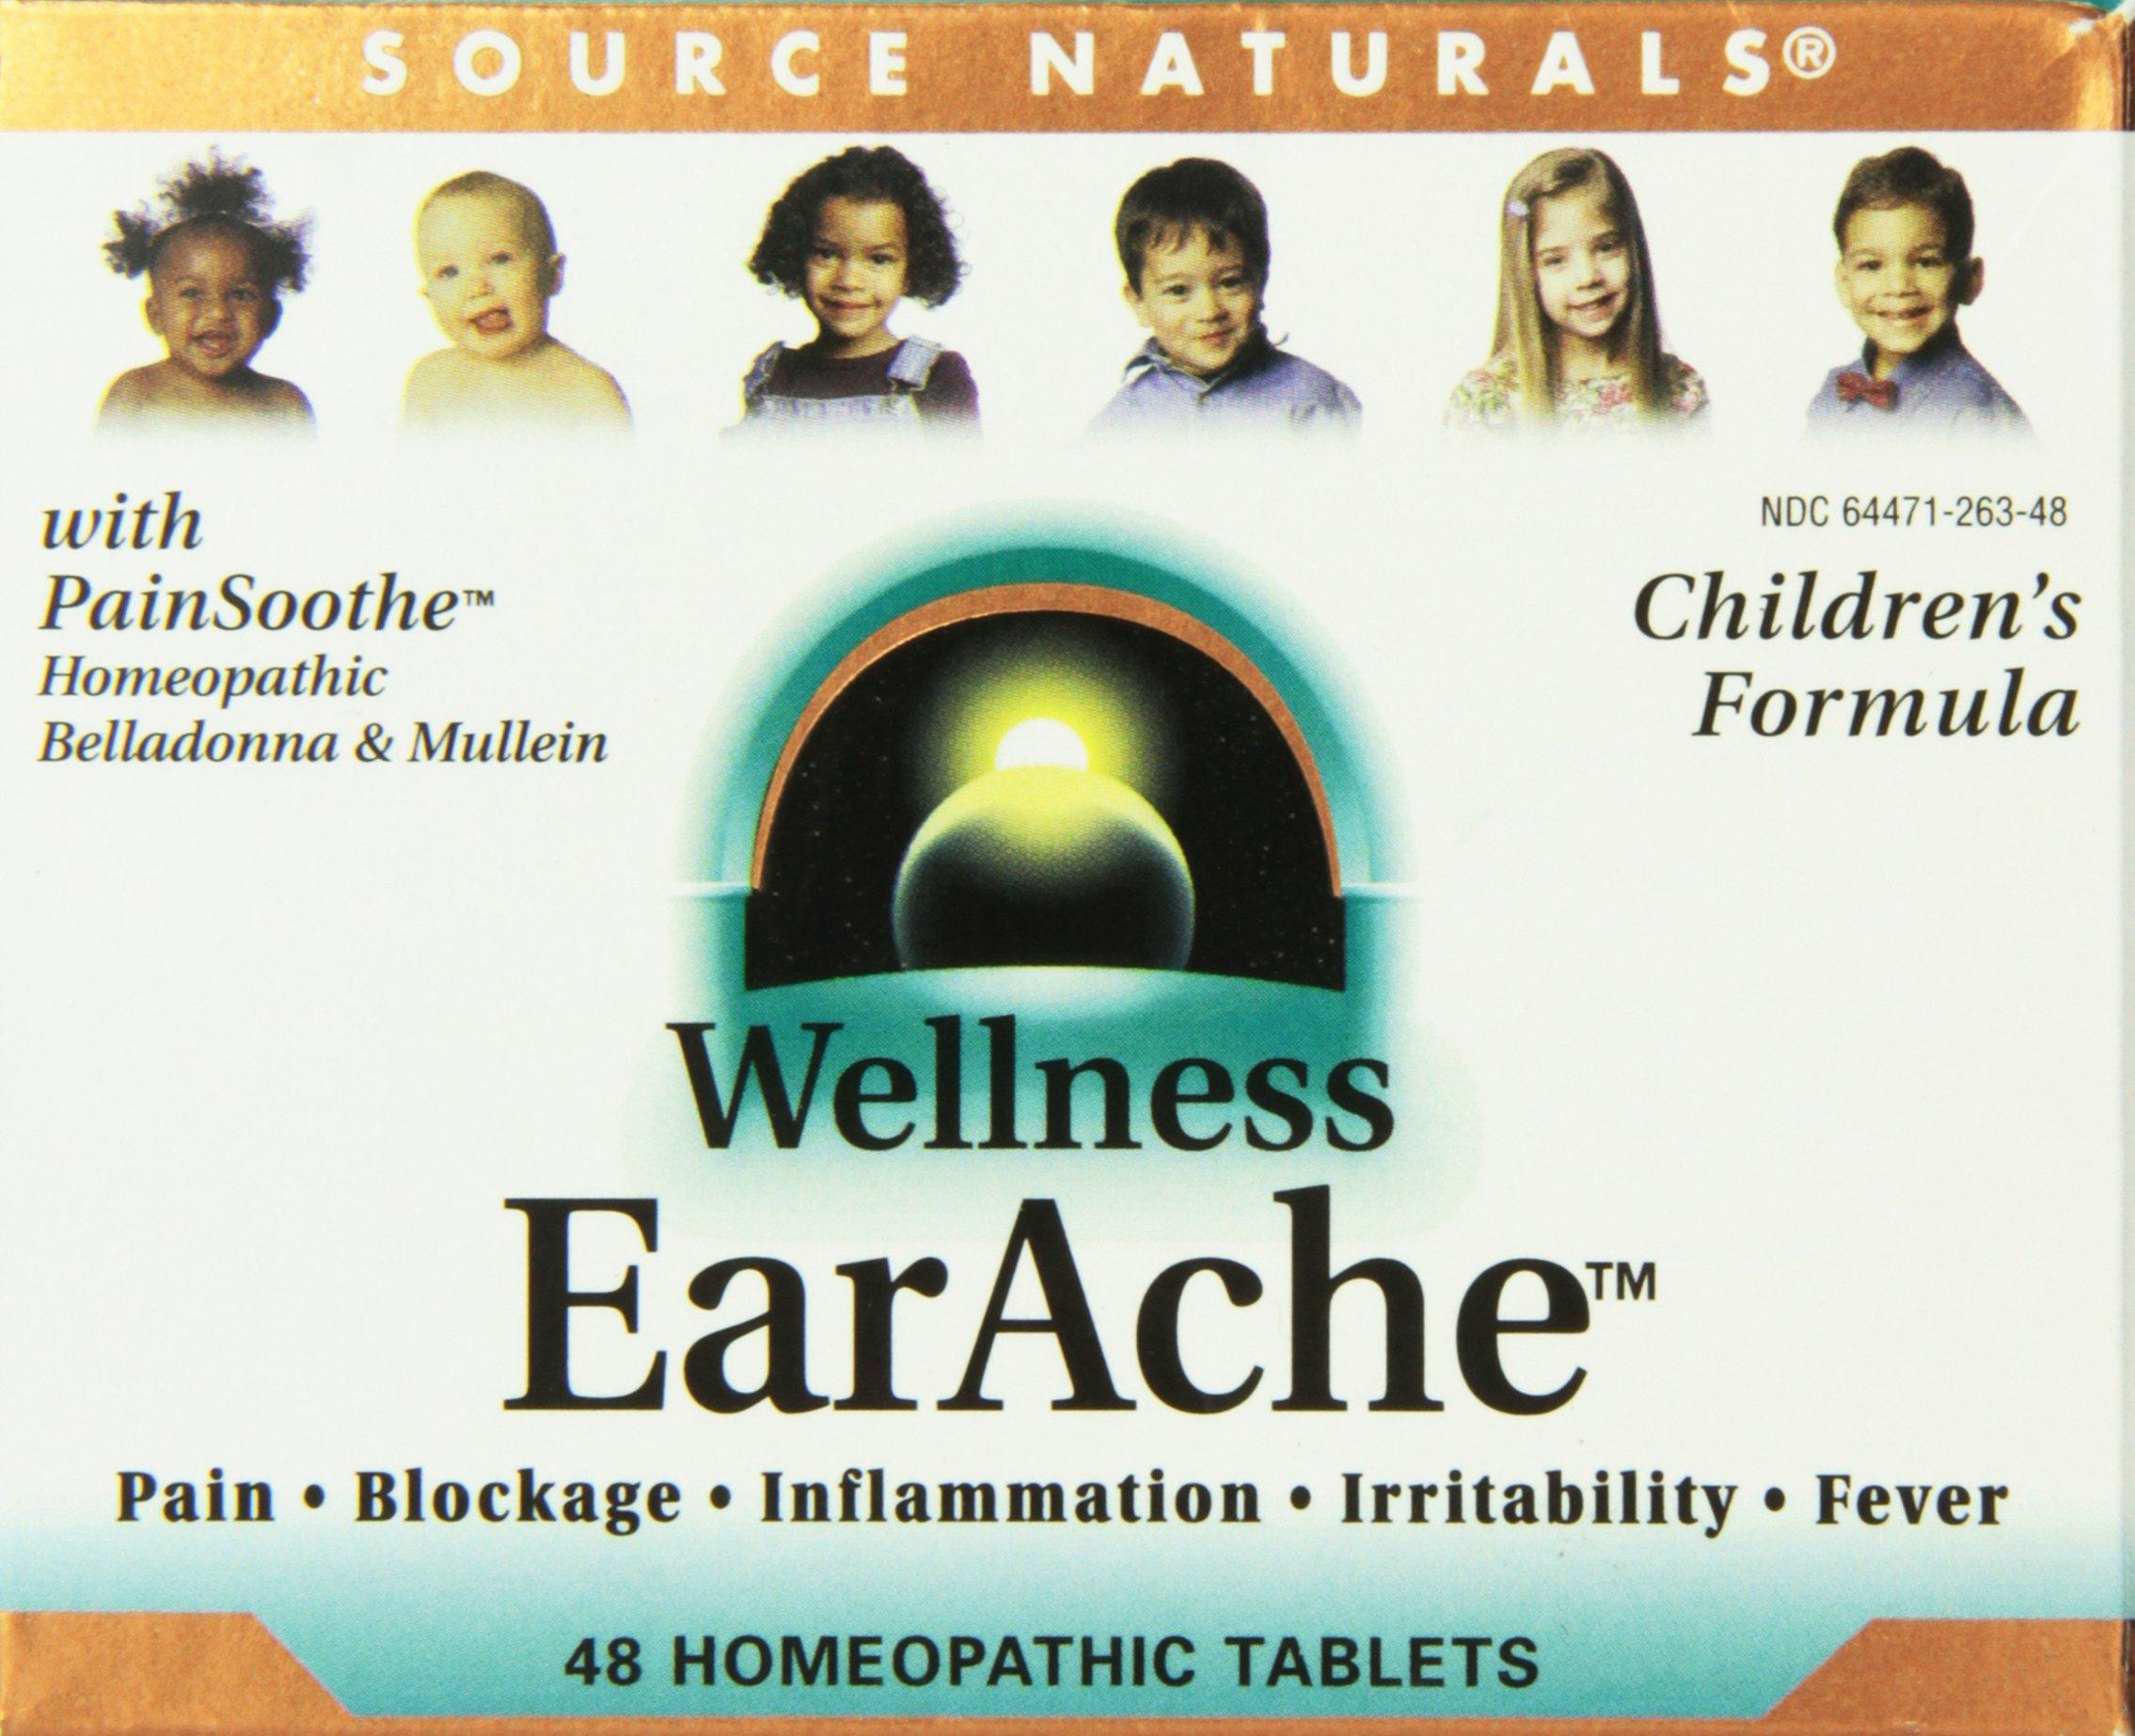 Source Naturals Wellness Earache, 48 Tablets